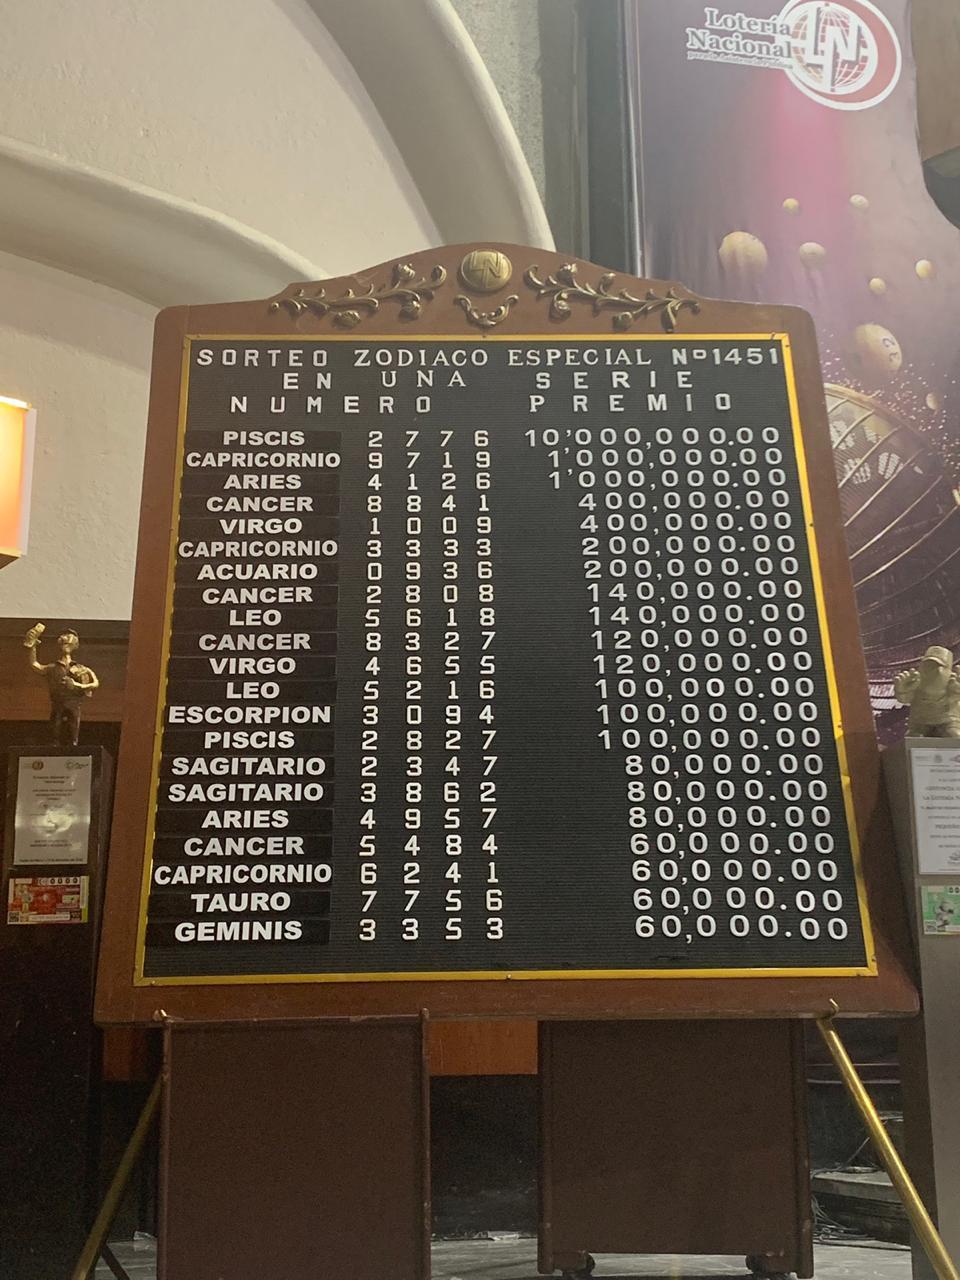 Resultado sorteo zodiaco 1451